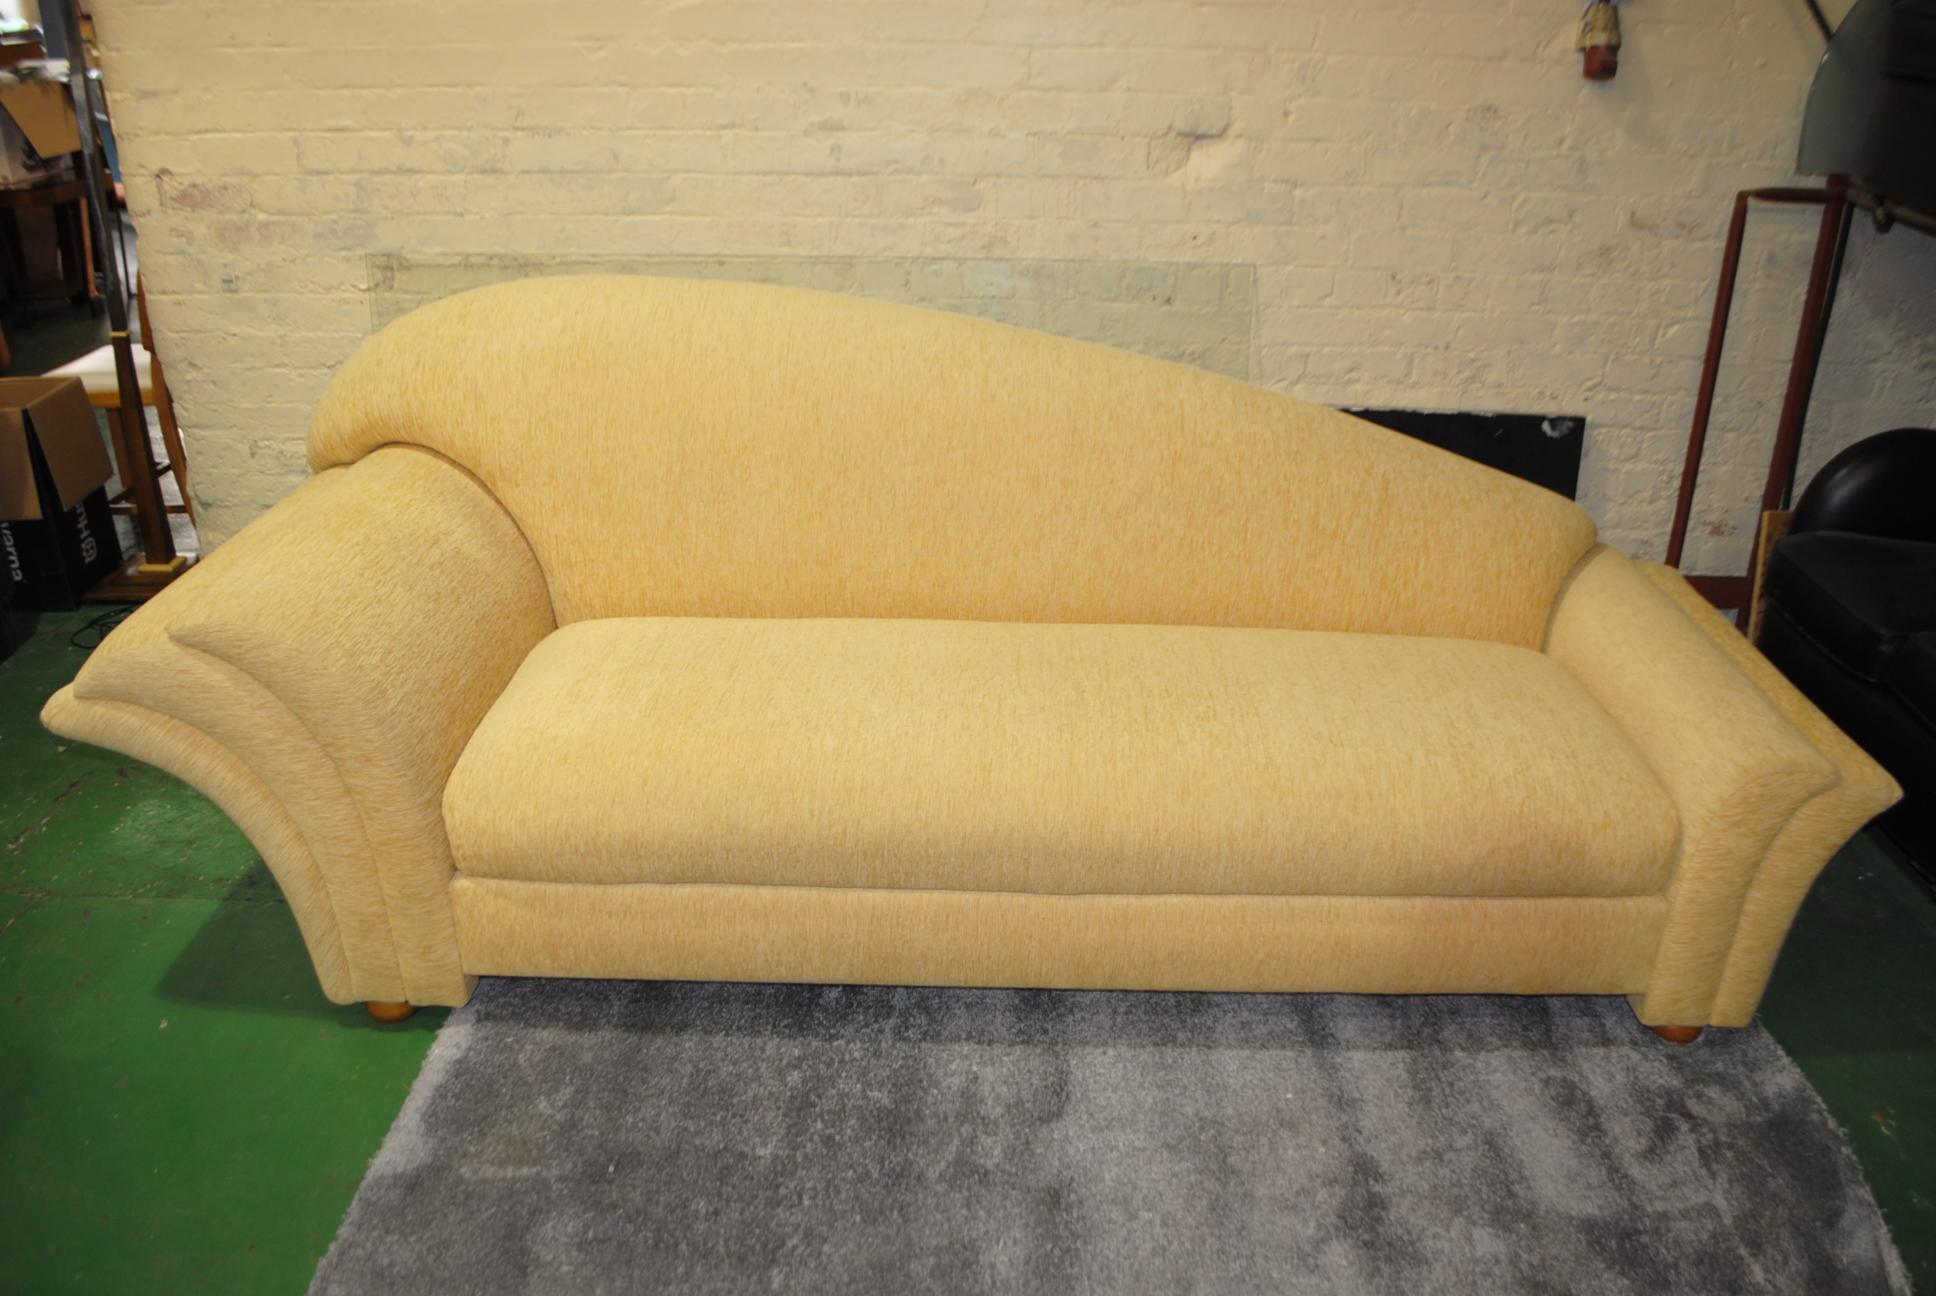 art deco sofa bed uk. Black Bedroom Furniture Sets. Home Design Ideas